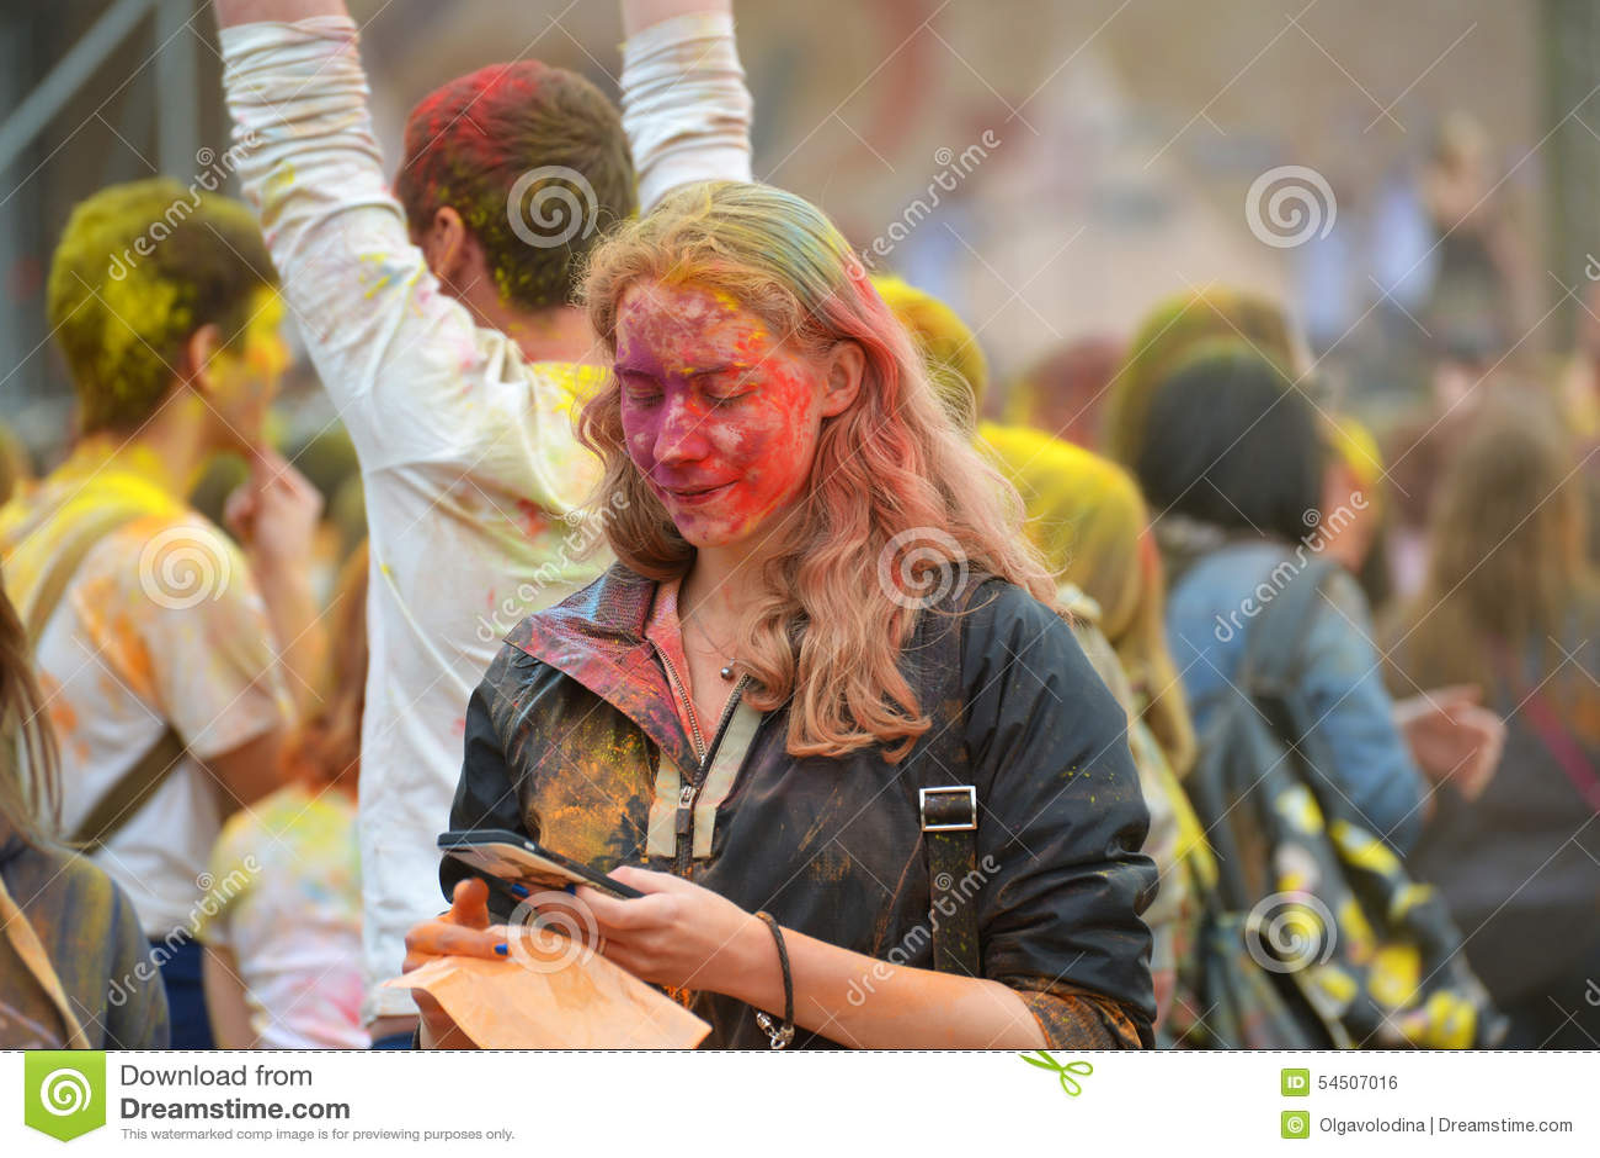 MOSCOU, RUSSIE - 23 MAI 2015 : Festival de couleurs Holi dans le stade de Luzhniki Les racines de ce fest sont dans l Inde, où el